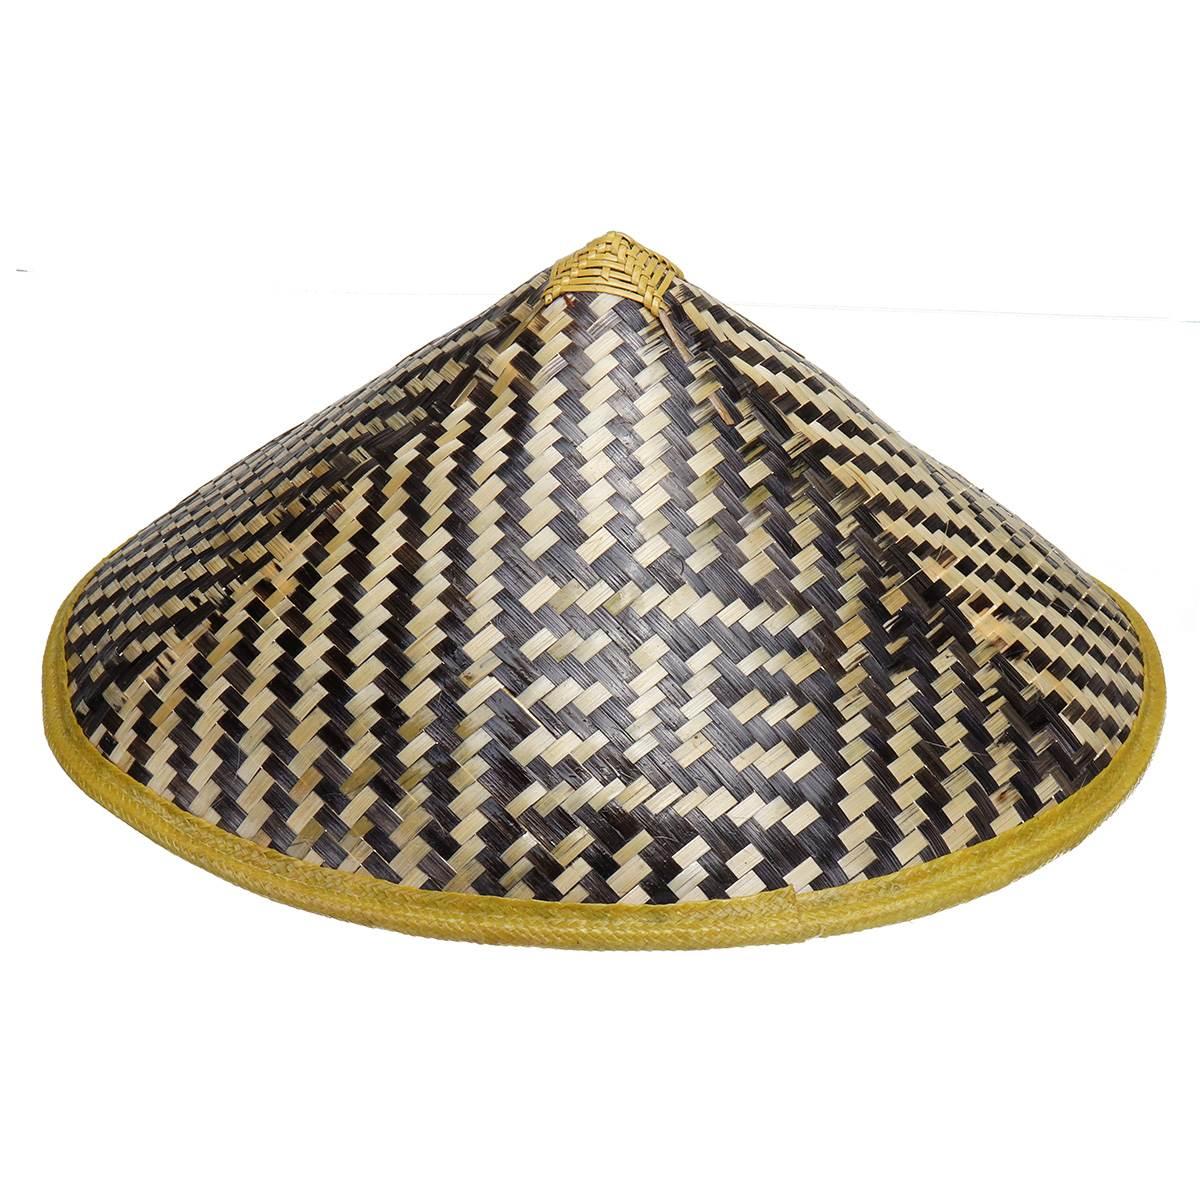 2018 Handmade Weave Straw Hat Chinese Style Bamboo Rattan Hats Steeple Retro Tourism Rain Caps Fisherman Bucket Hat Sunshade straw fedora hat